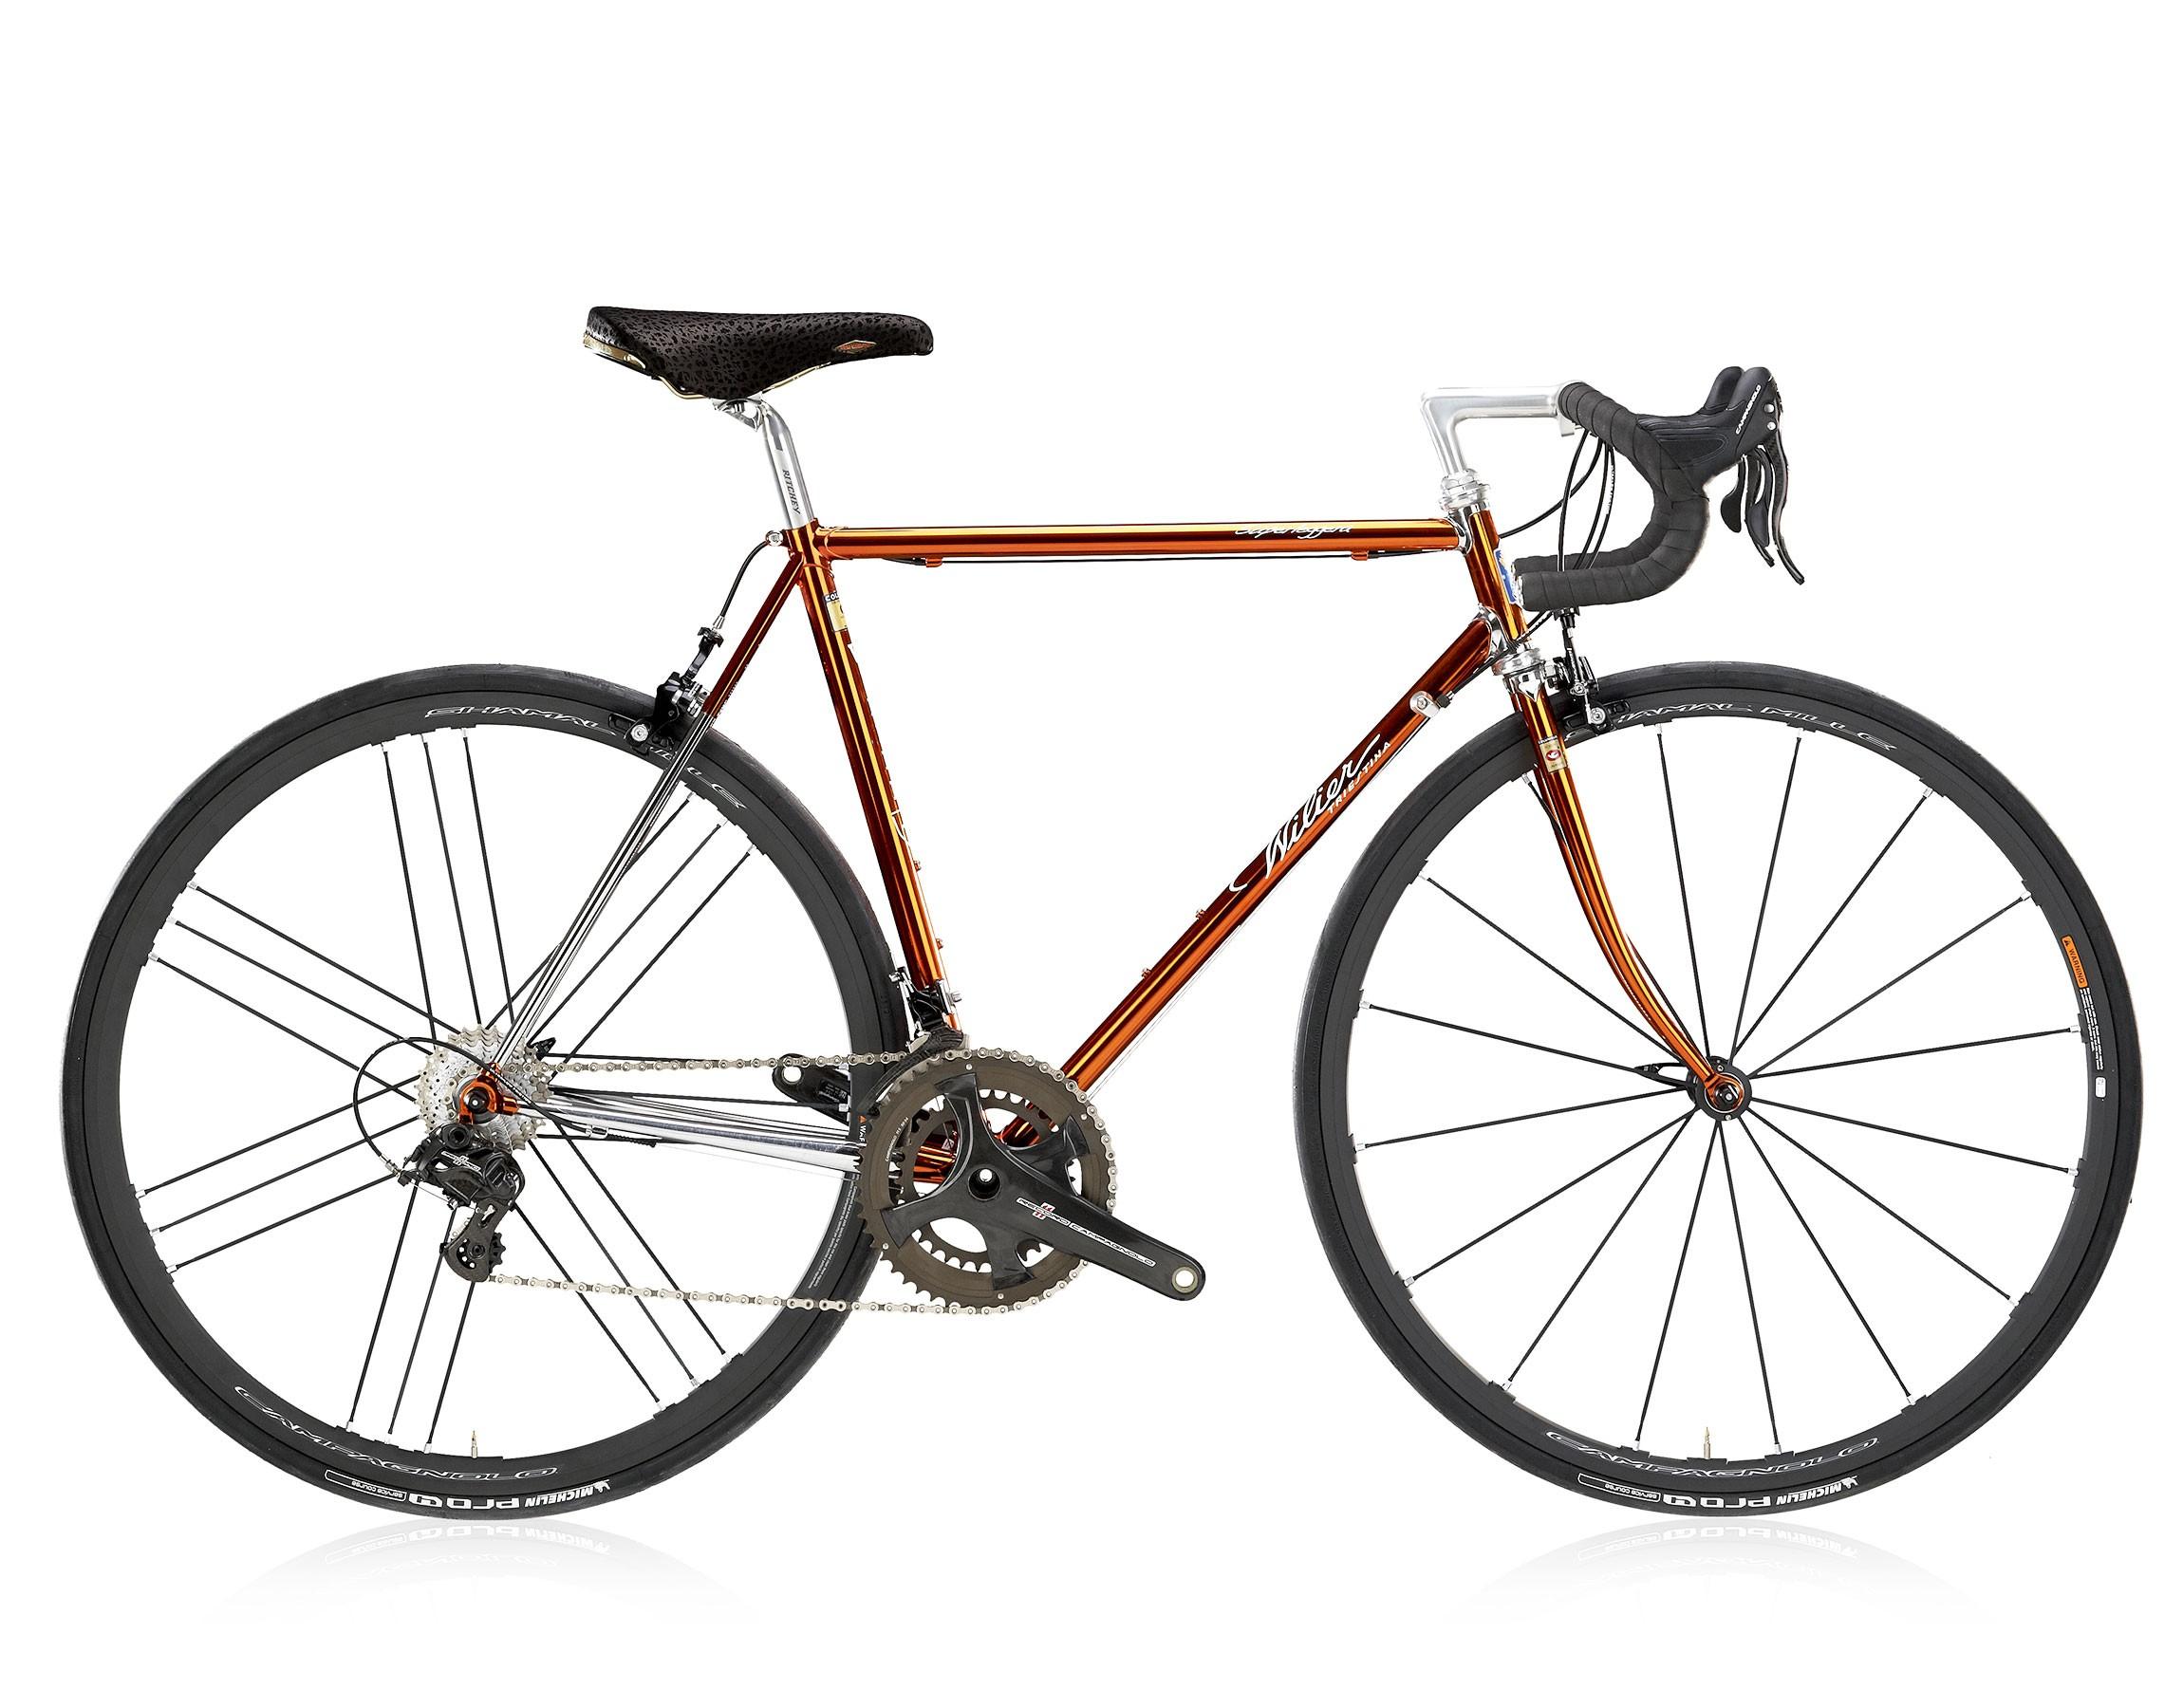 Bici corsa acciaio